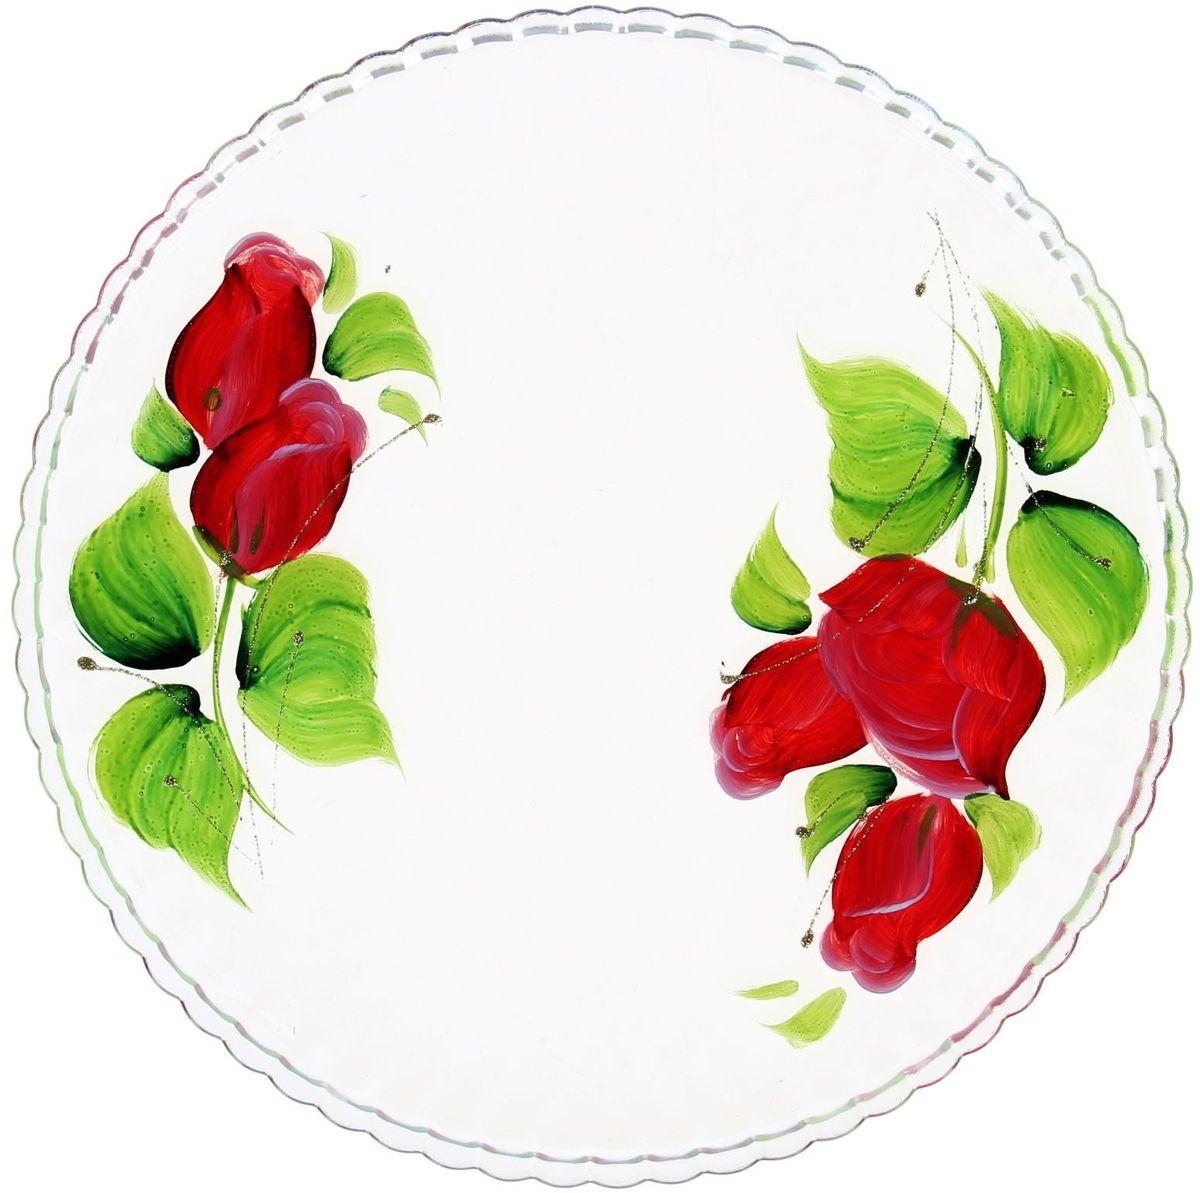 Блюдо Хрустальный звон Патиссэри, диаметр 28 см. 11936971193697Круглое блюдо Хрустальный звон выполнено из высококачественного стекла и дополнено красивым принтом с художественной росписью. Изделие отлично подходит для сервировки закусок, нарезок, канапе, горячих блюд и многого другого.Такое блюдо замечательно для торжественных случаев. Оно дополнит сервировку праздничного стола и подчеркнет ваш прекрасный вкус. Обращаем ваше внимание, что роспись на изделии сделана вручную. Рисунок может немного отличаться от изображения на фотографии. Диаметр блюда: 28 см.